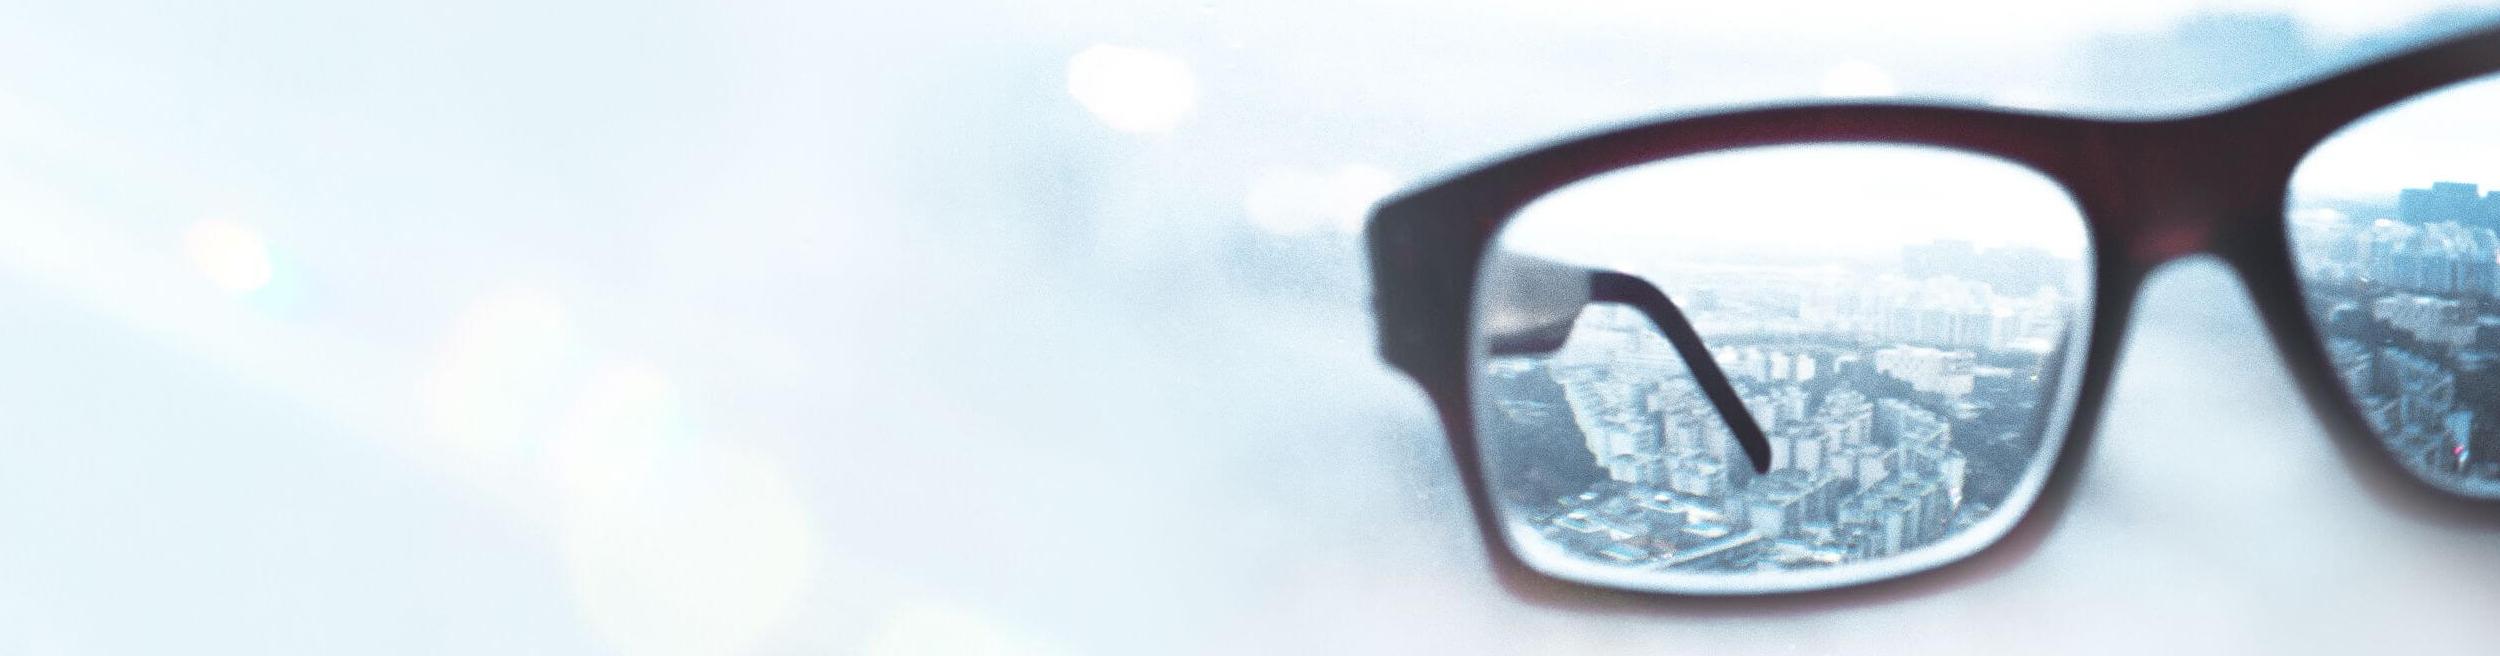 Eyeglass Lenses | Prescription Lenses | Optical Lenses Online Store